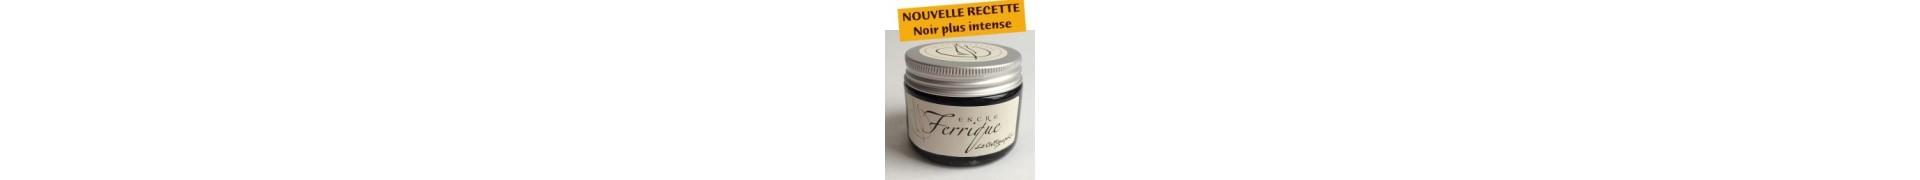 Encre spéciale - Encre férrique médiéval - Flacon: 45 ml - EN100